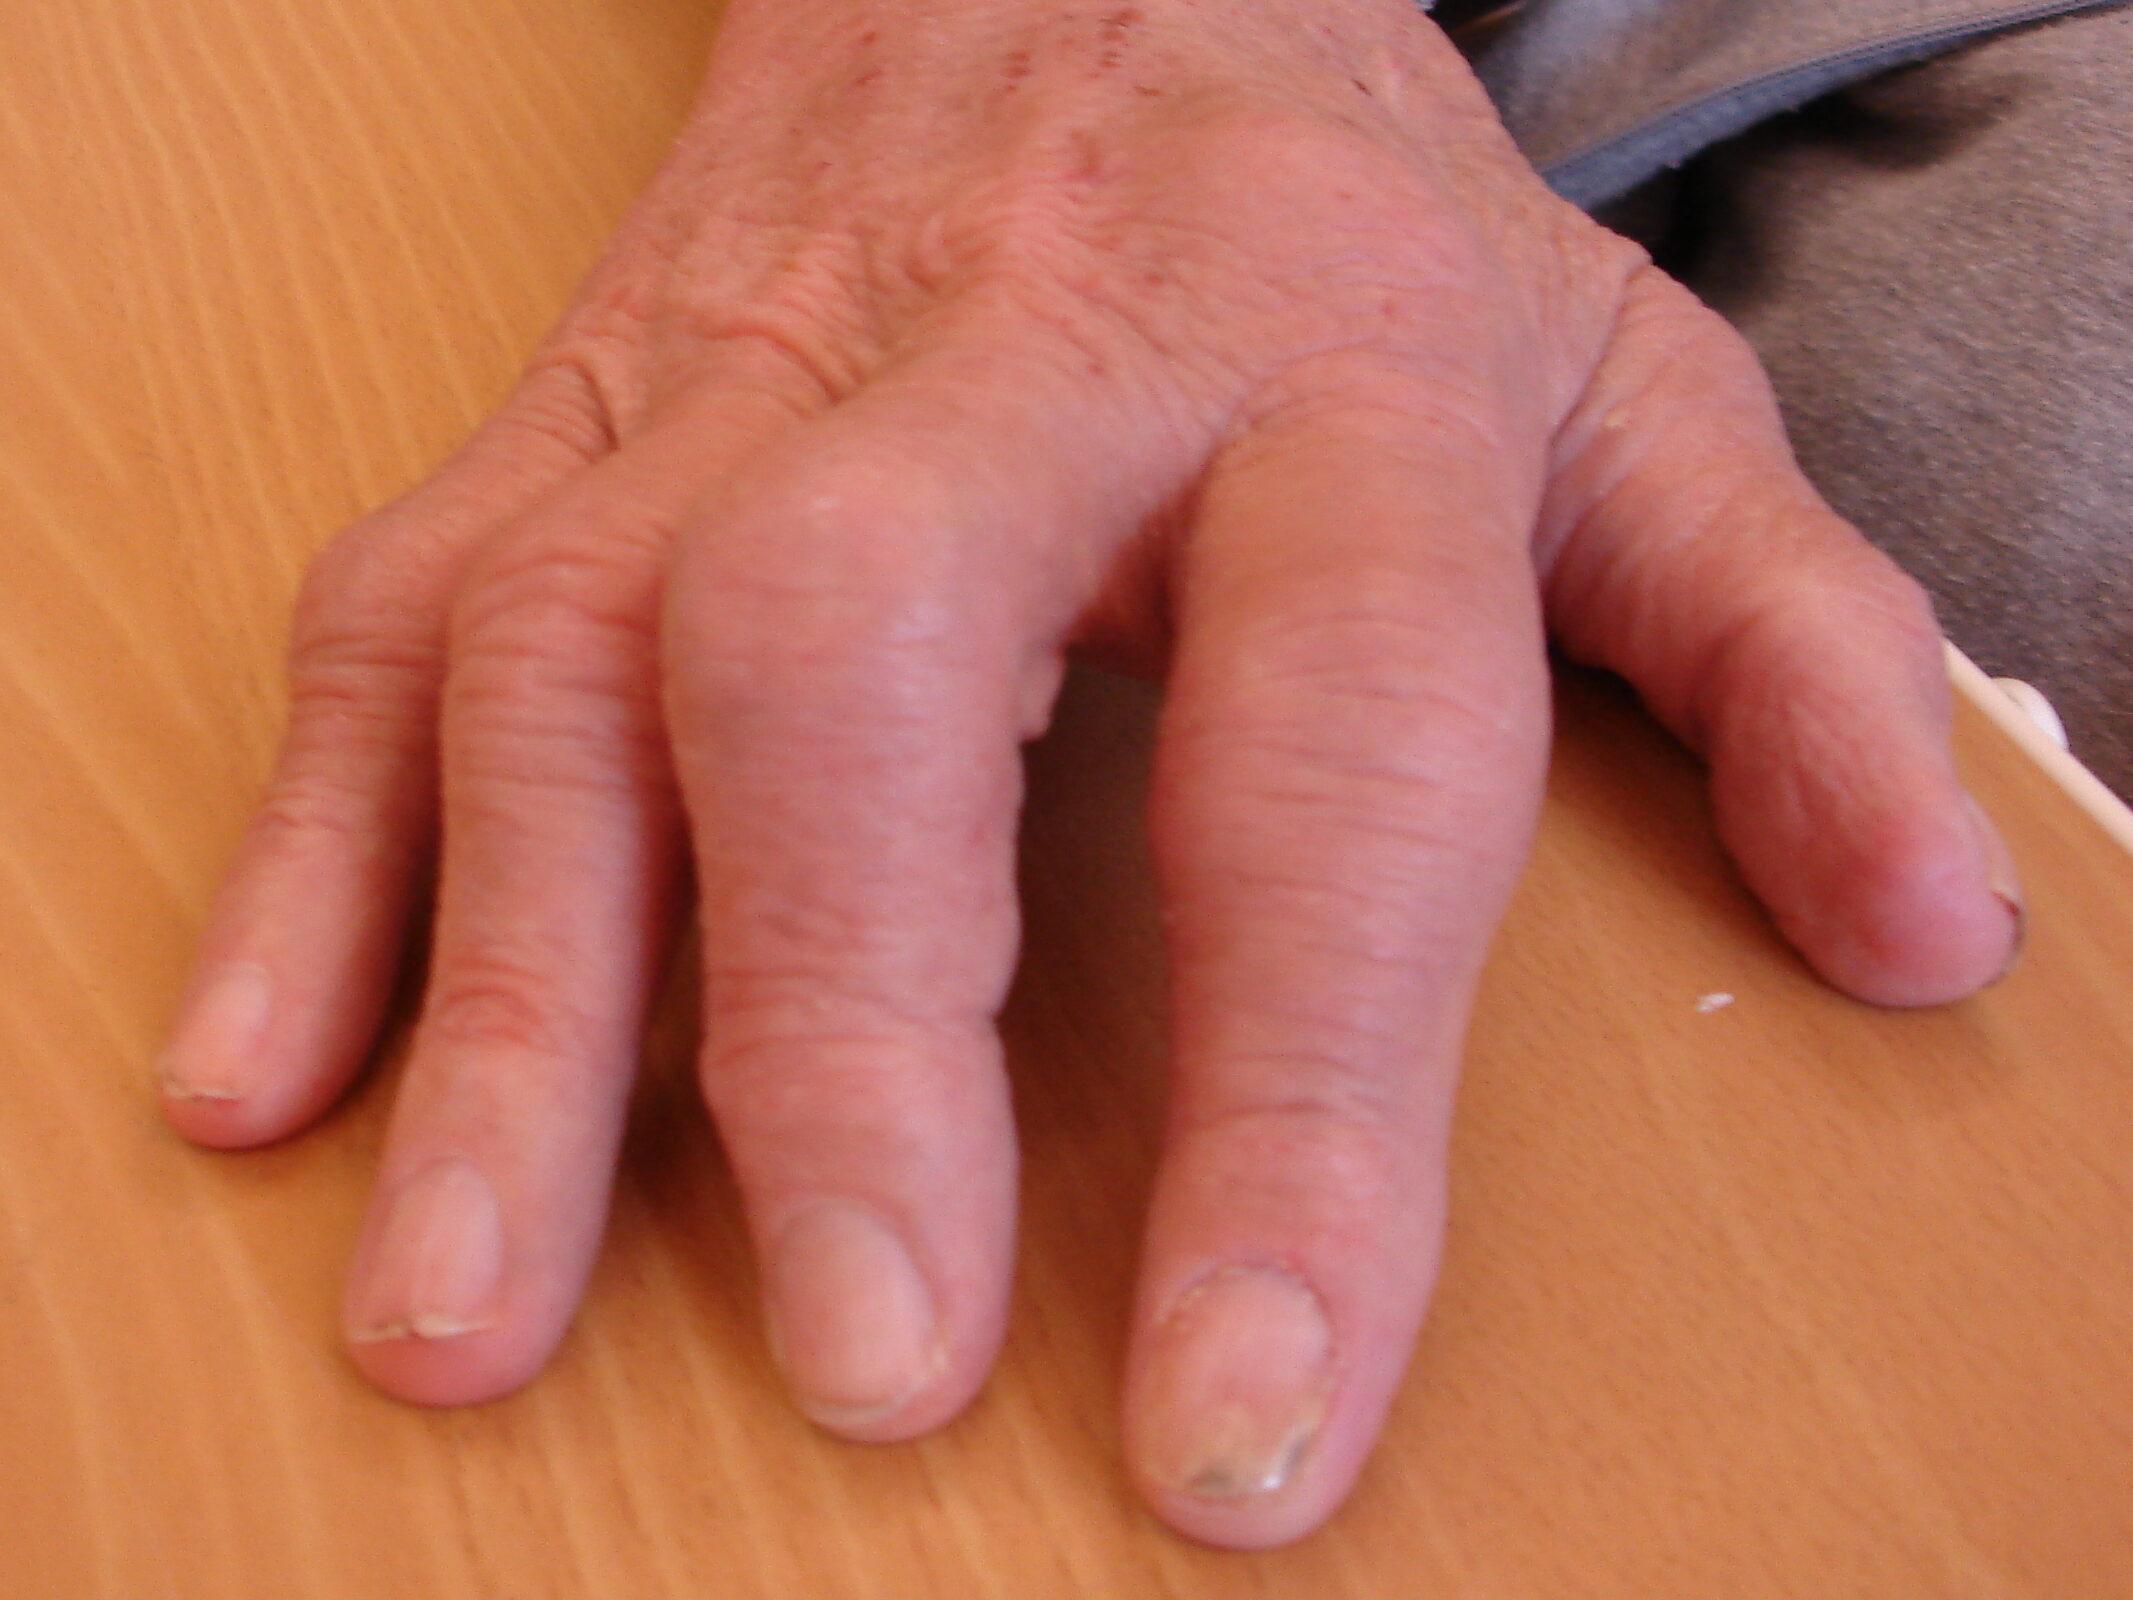 Gigtramte fingre.  Krogede fingre der er plaget af gigt